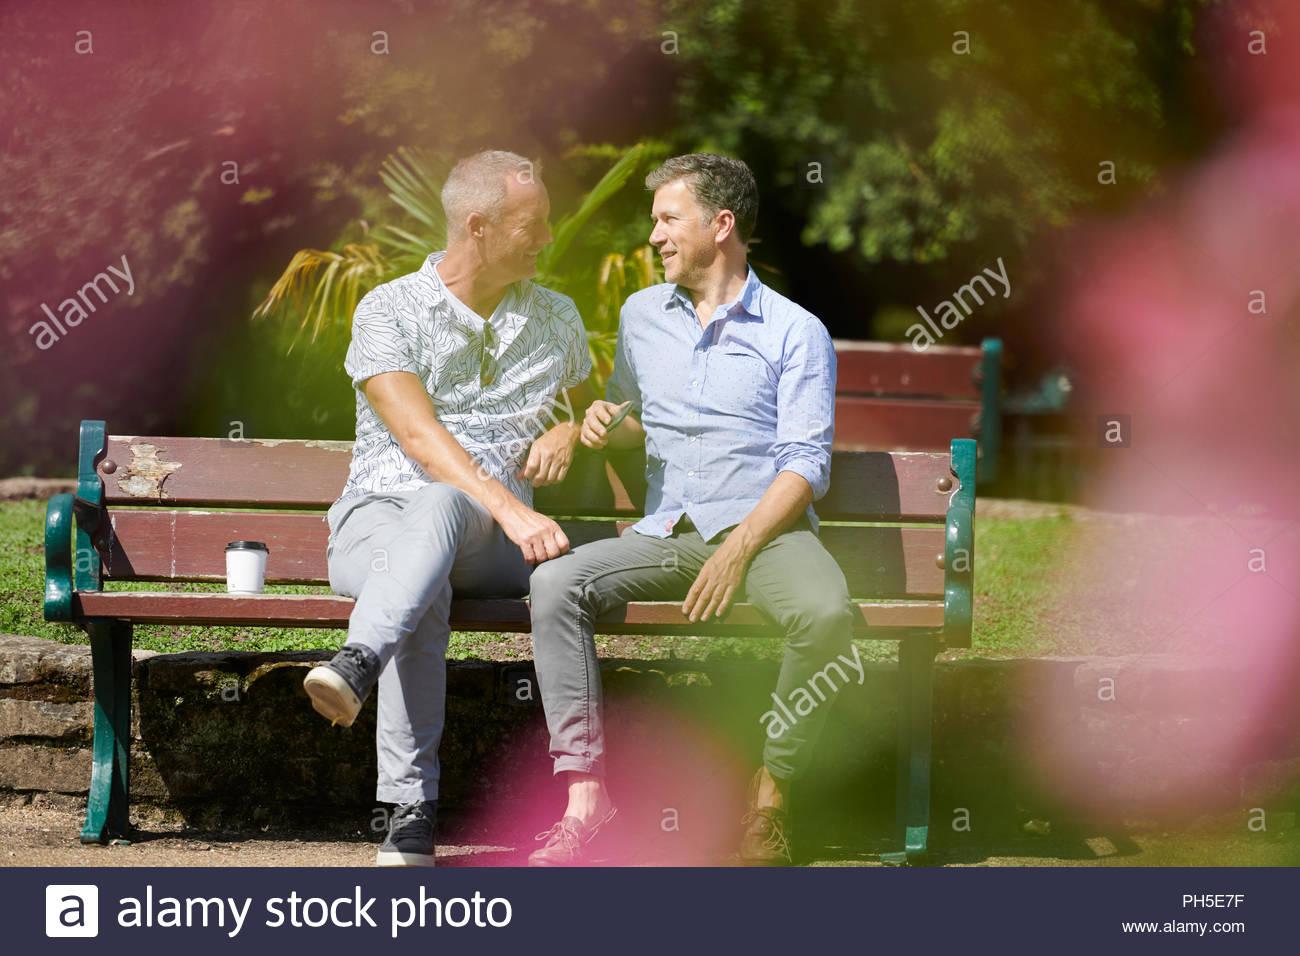 Two Gay Men Face Face Stockfotos & Two Gay Men Face Face Bilder ...